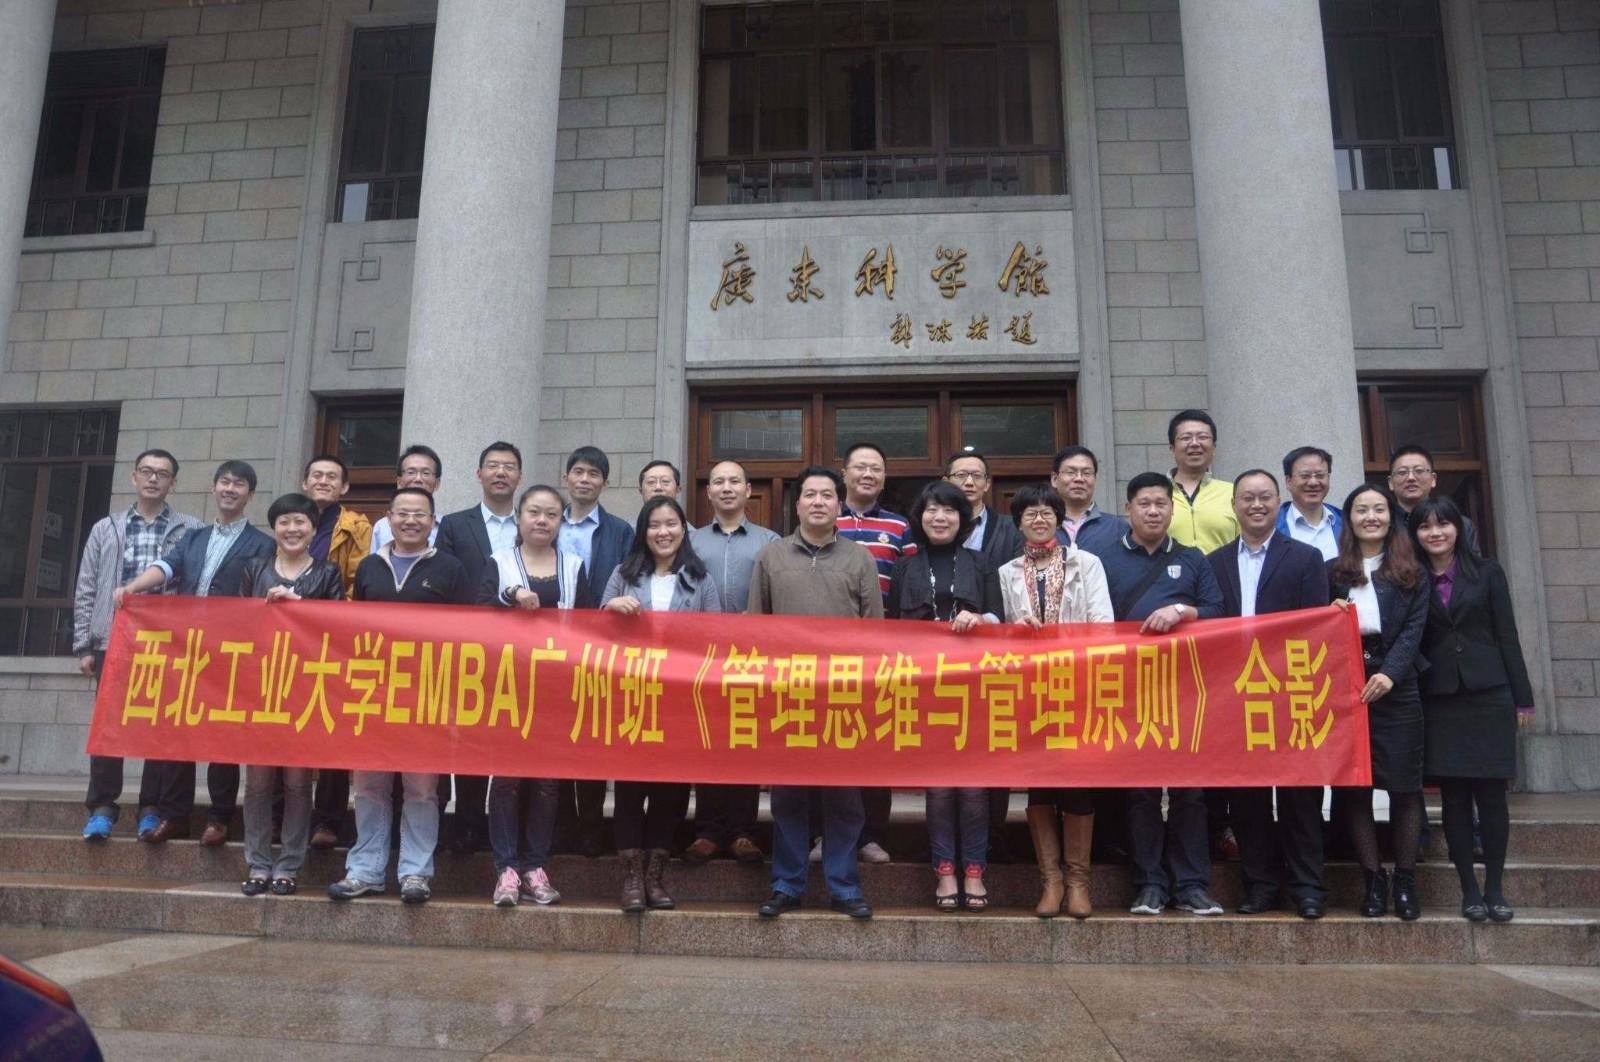 西北工业大学EMBA广州班移动课堂